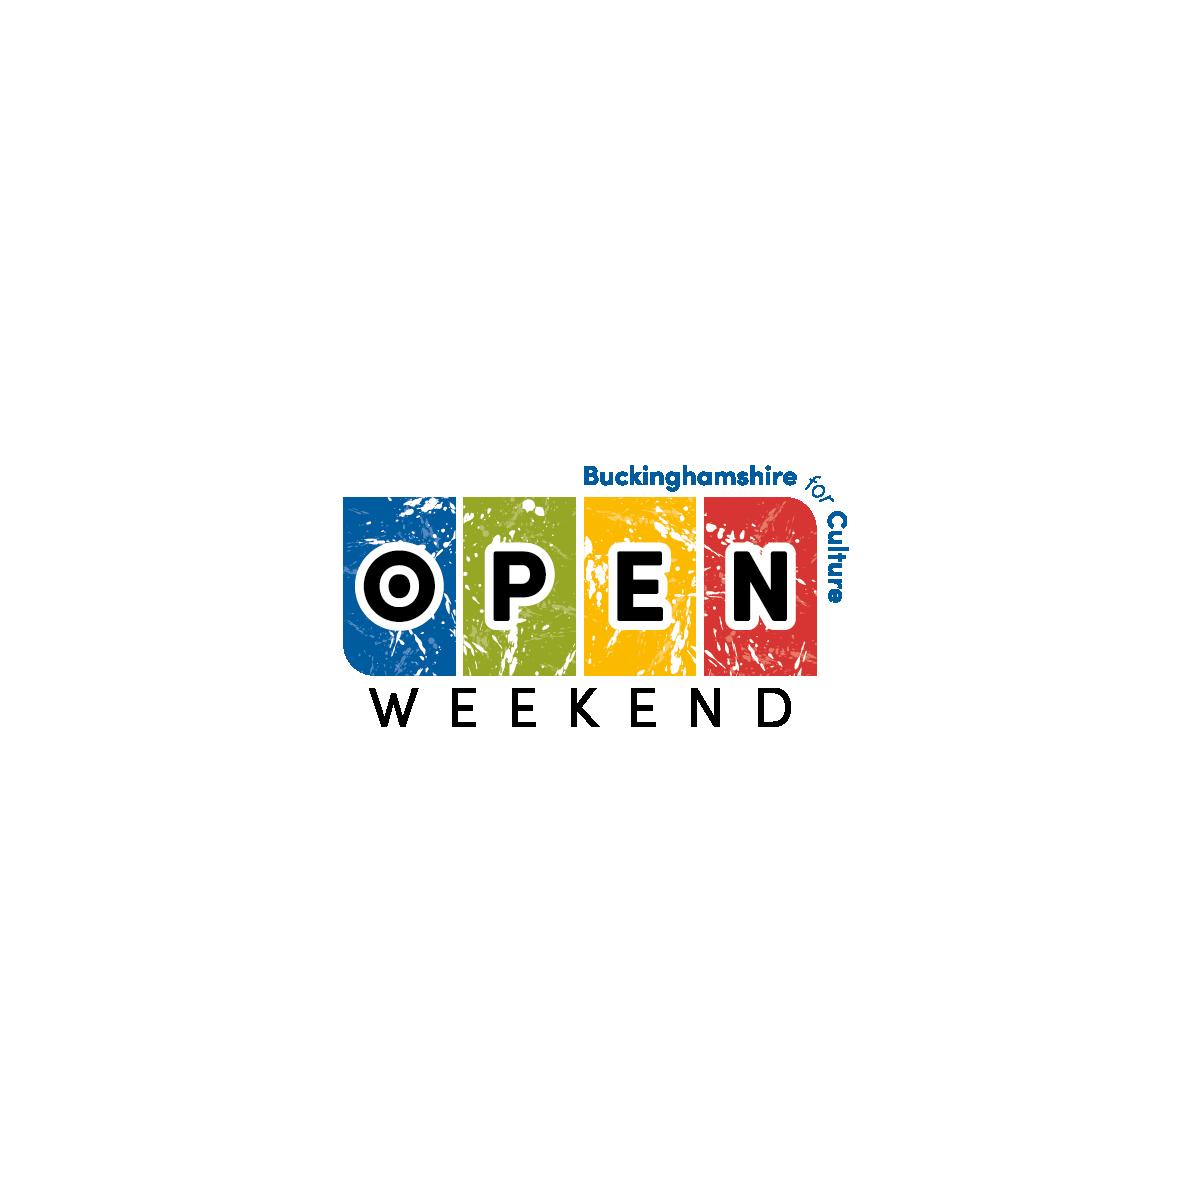 Bucks Culture Open Weekend logo